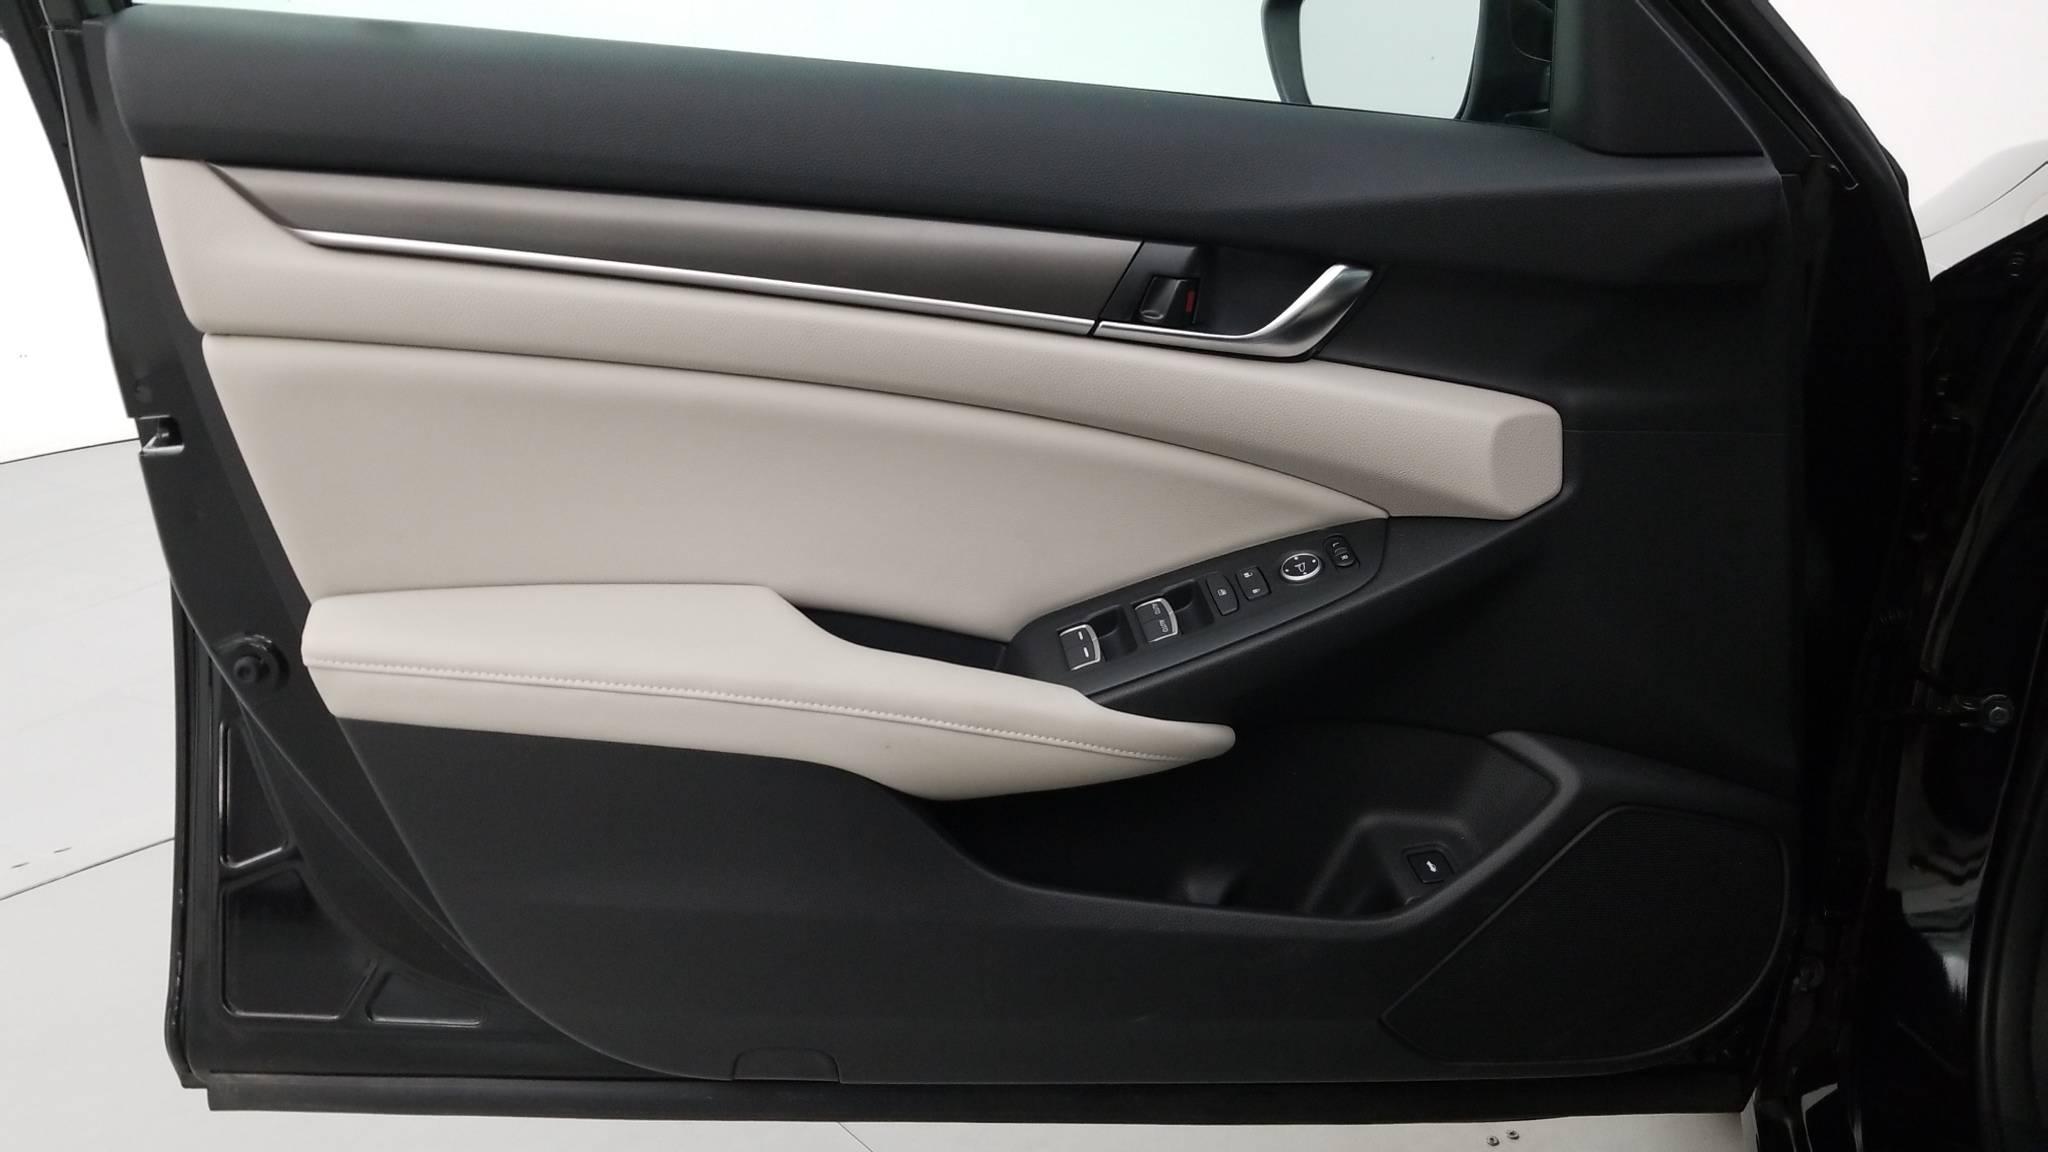 Pre-Owned 2018 Honda Accord Sedan LX 1.5T